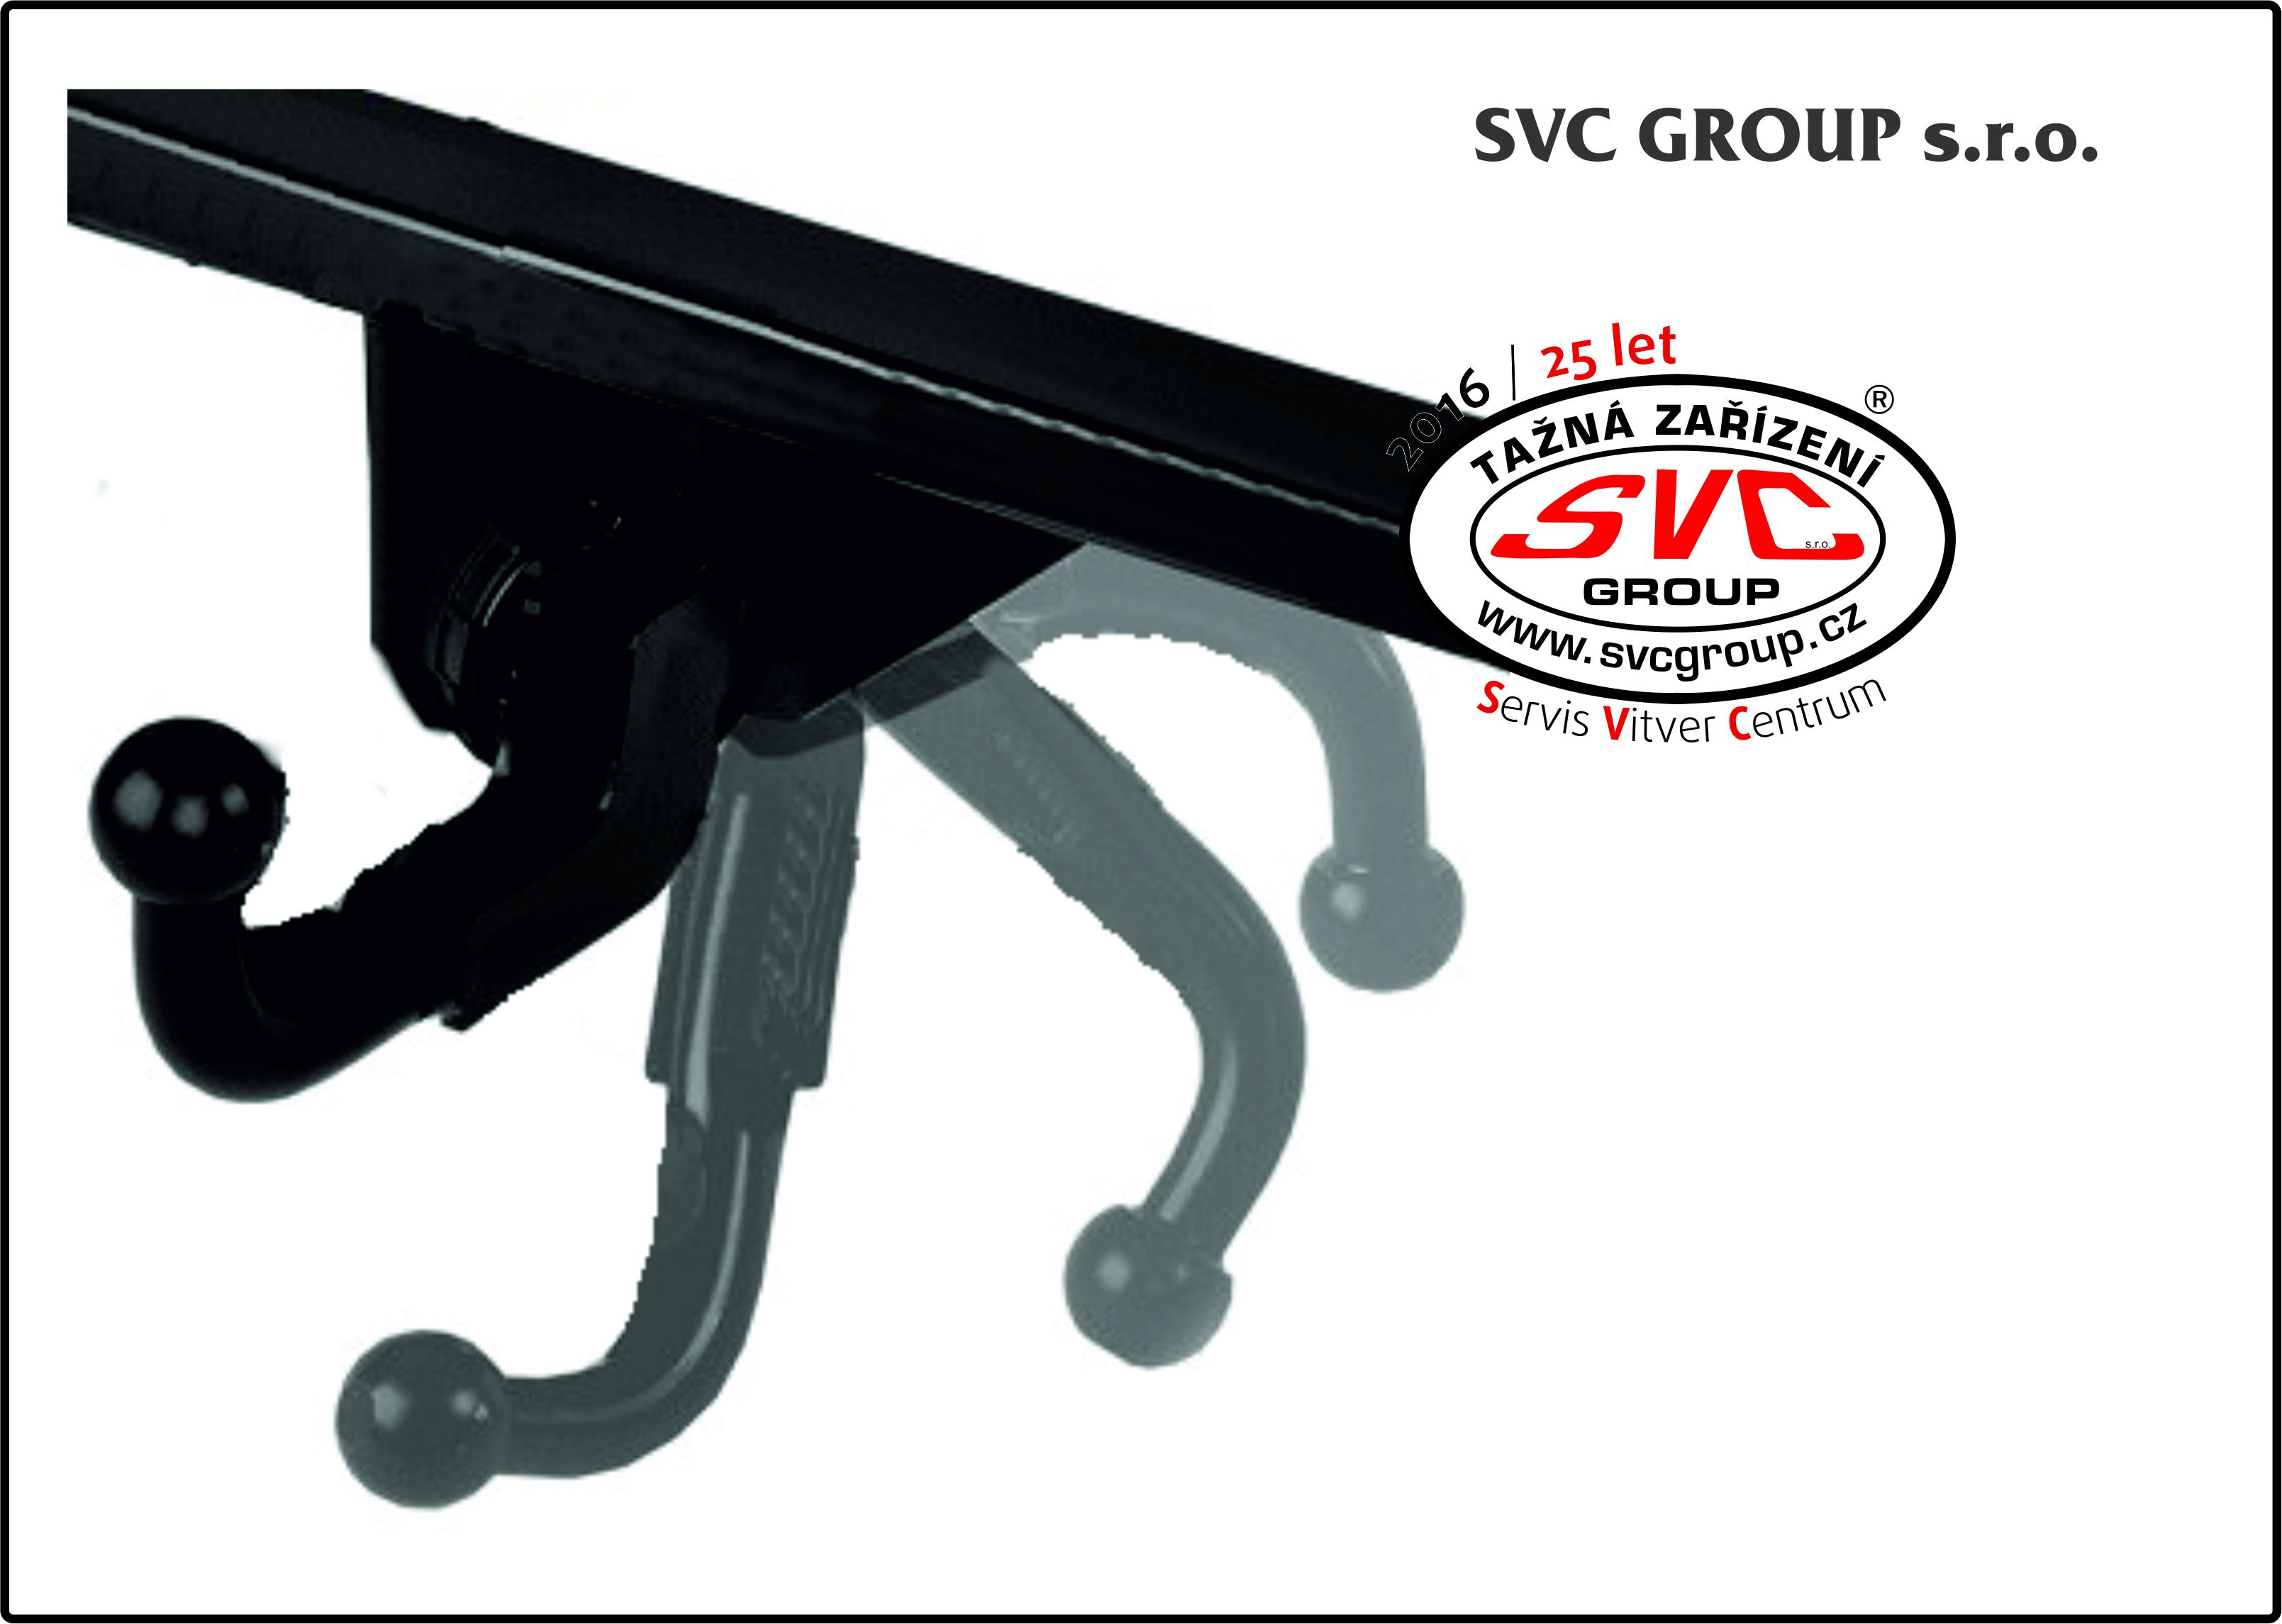 Bajonetové SVMAT-2 :  Kulový čep je spojen s tažným zařízením pomocí kloubu a zajišťovacího mechanizmu.  Mechanizmus odjištění a zajištění kulového čepu je nejčastěji uložený v zavazadlovém prostoru vozu.  Po odjištění se kulový čep vyklopí zpod nárazníku a musíte ho zajistit do provozní polohy